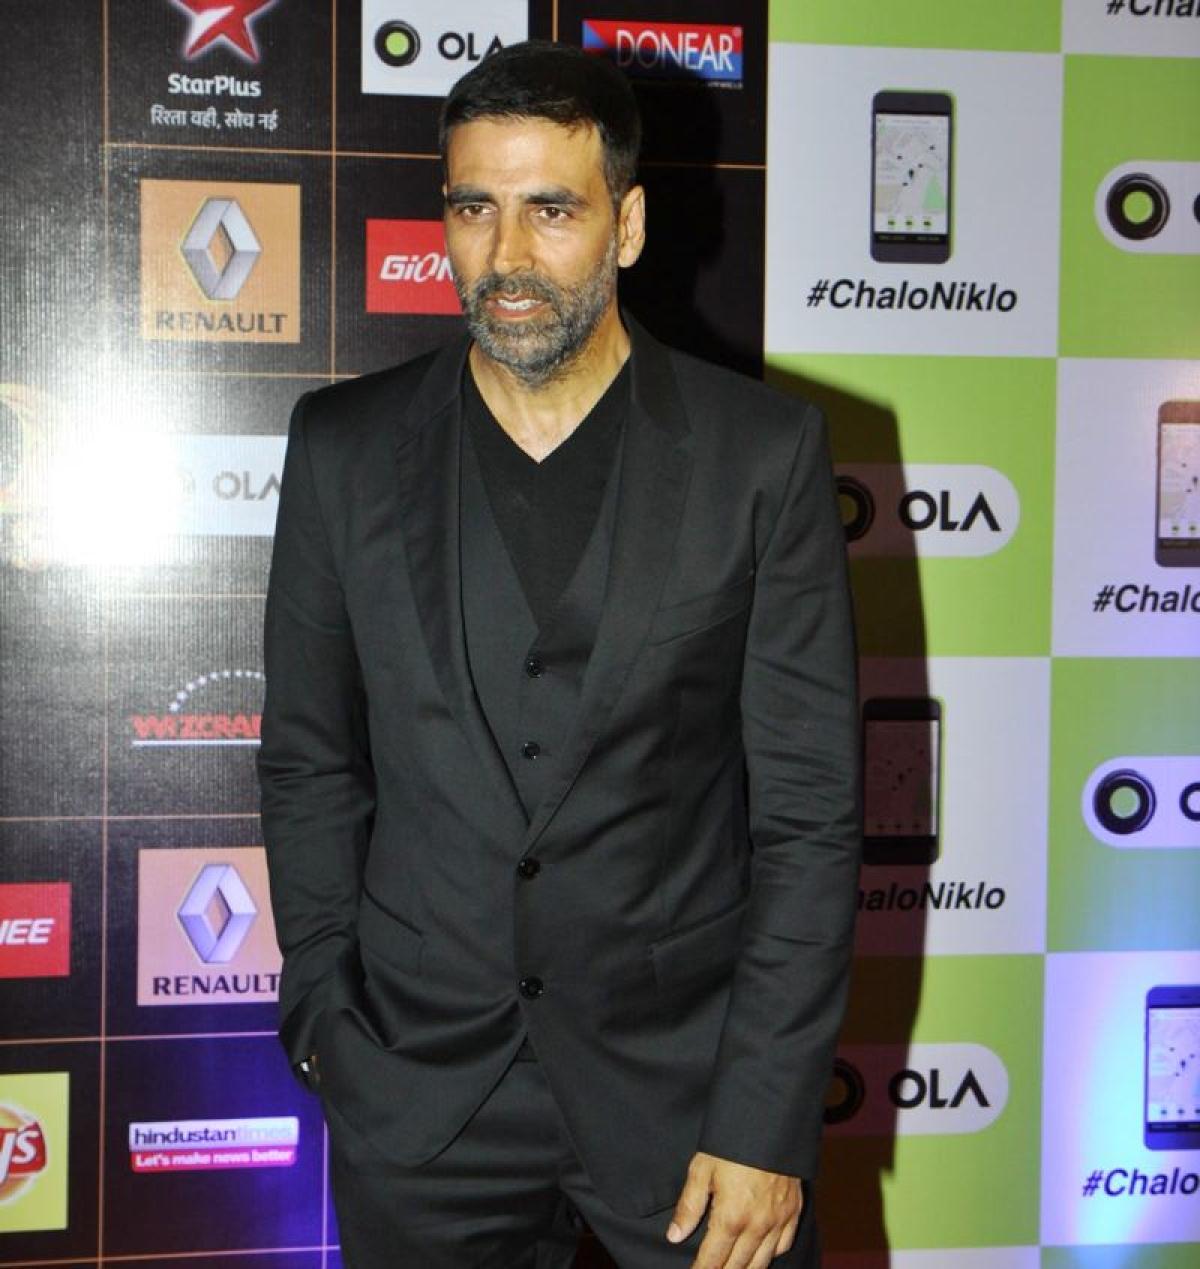 Twitter's Top 10 : Most Popular Indian Celebrities